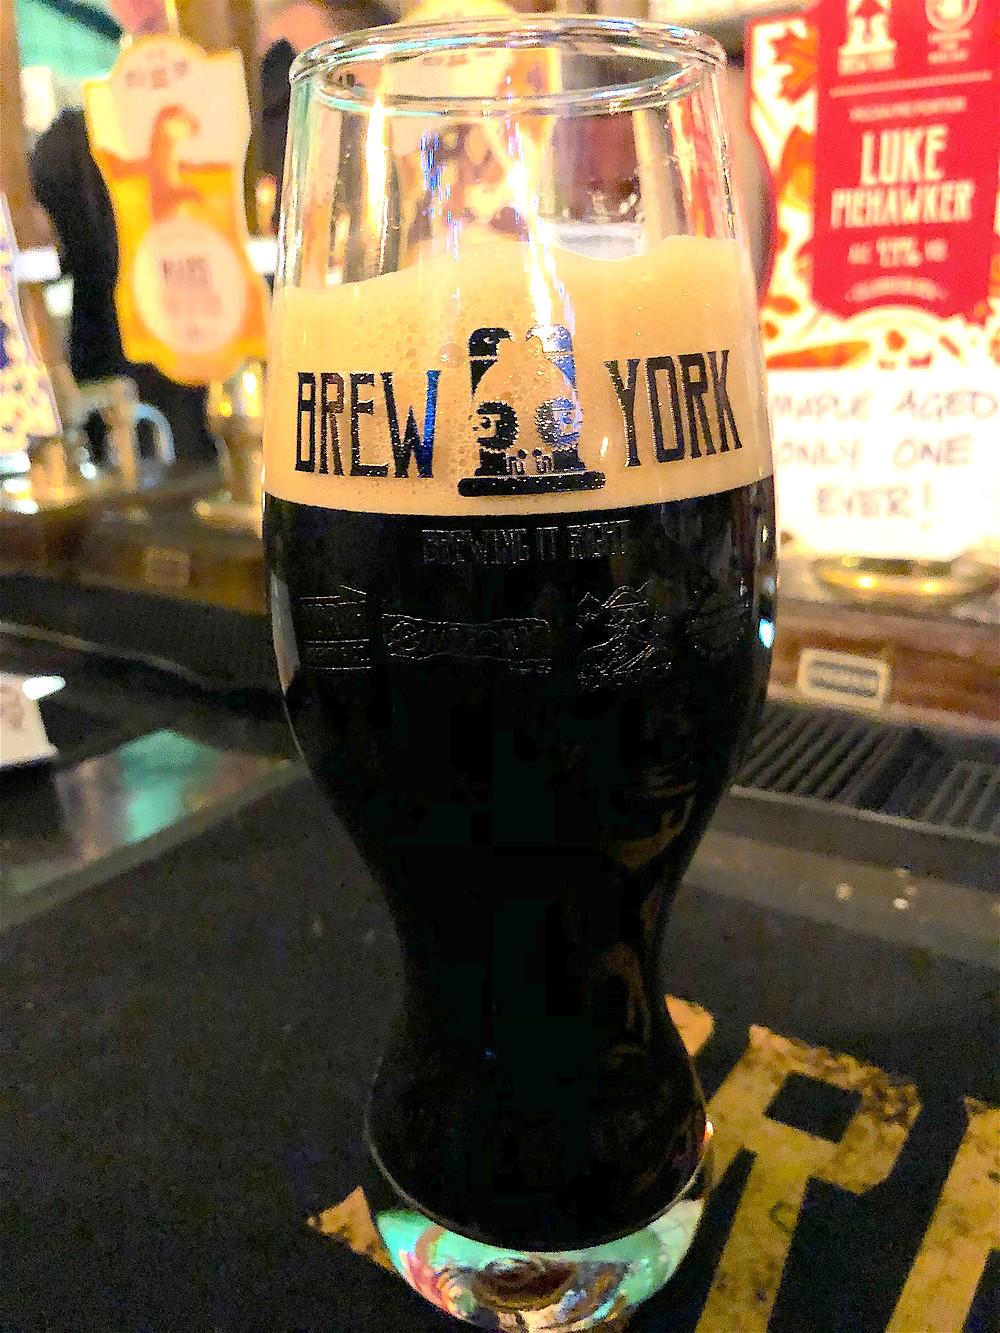 Imperial Tonkoko Milk Stout by Brew York